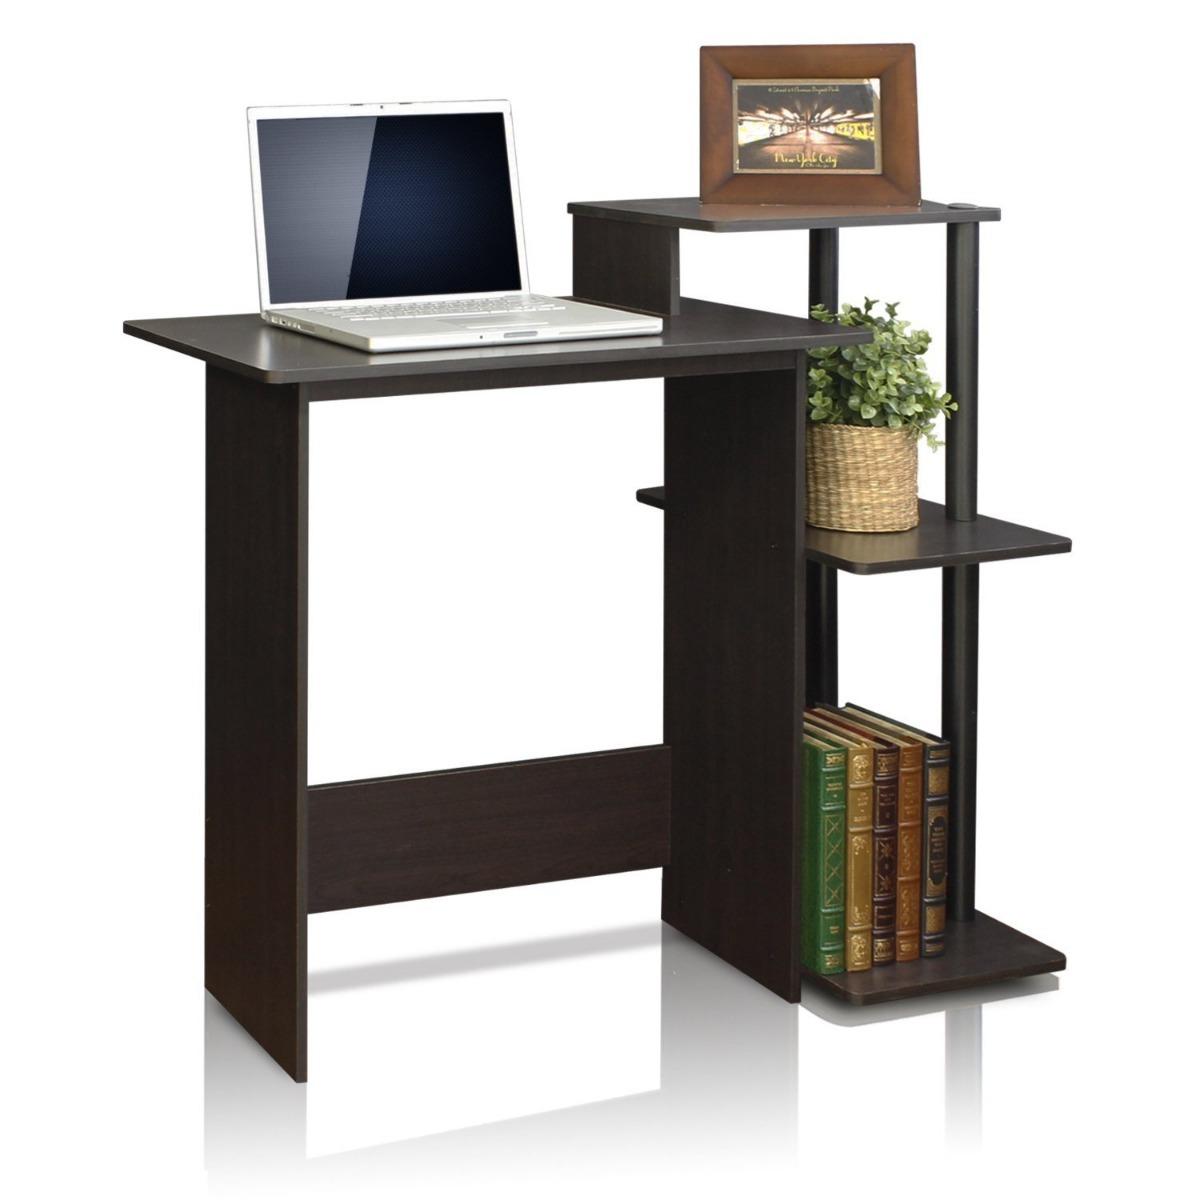 Escritorio para computadora mueble para oficina o for Escritorio para recamara